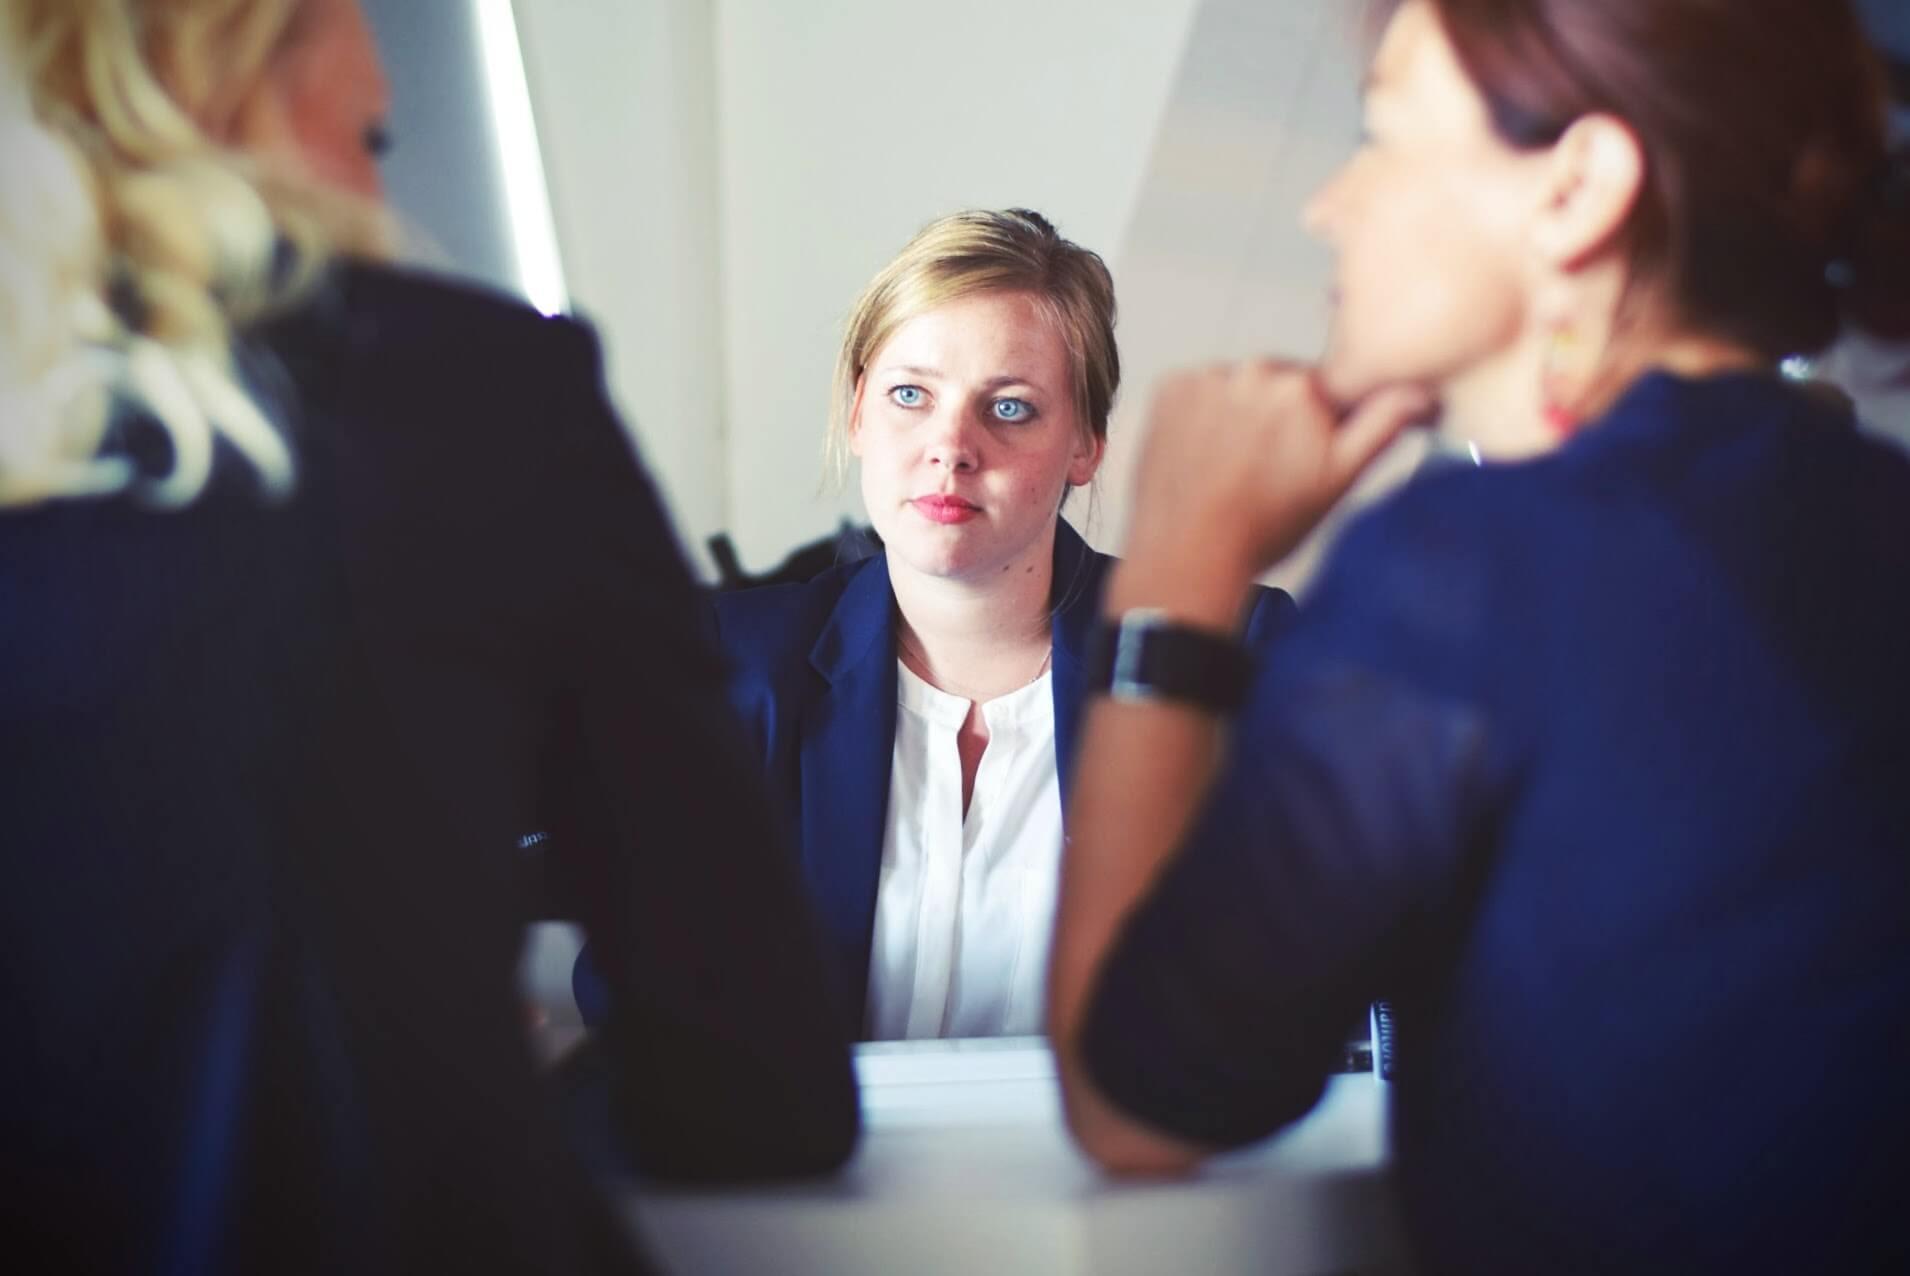 Pitali smo stručnjake: Kako se treba ponašati na razgovoru za posao?